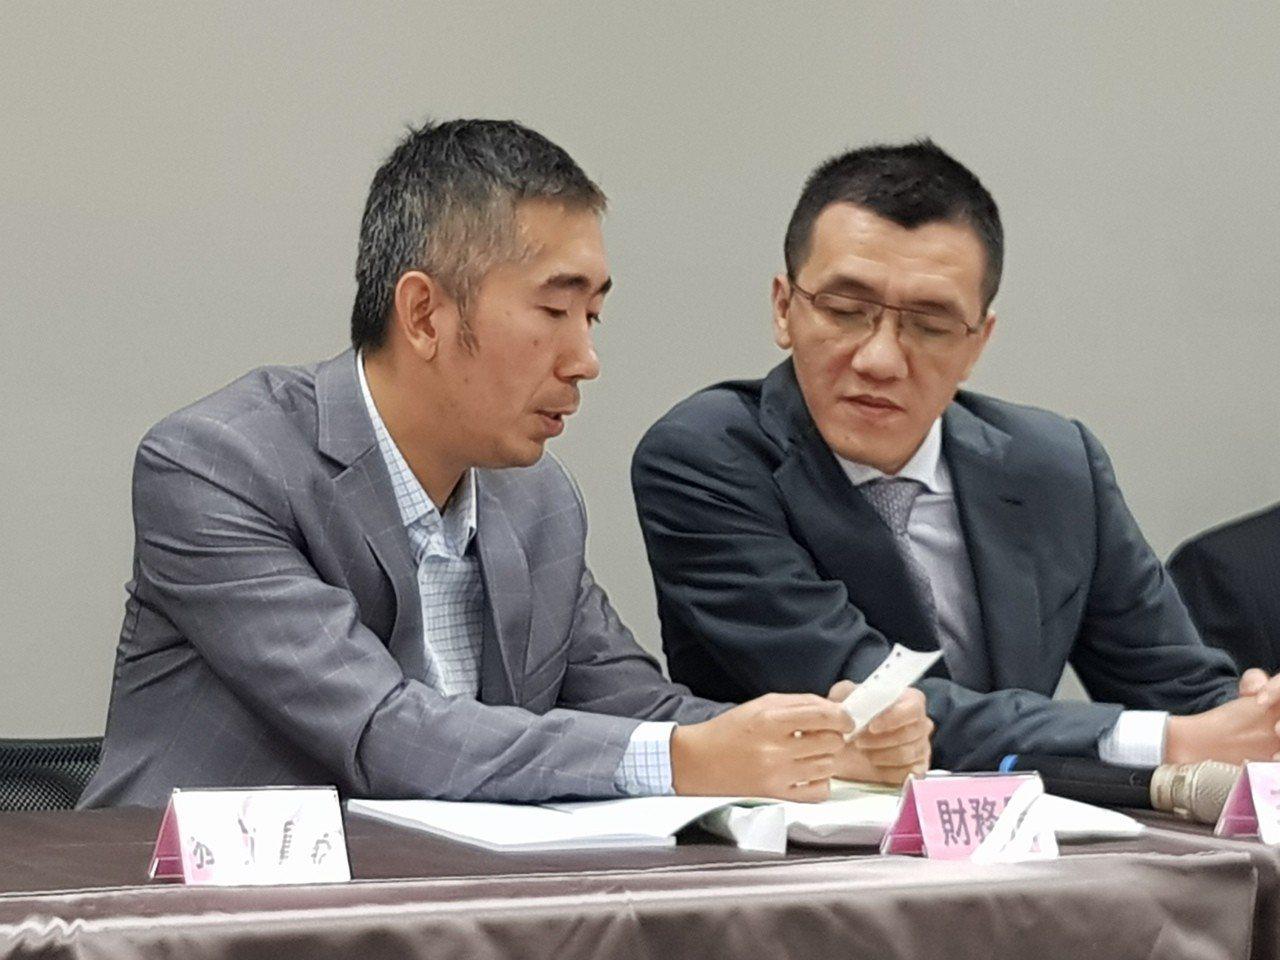 勝悅-KY董事長莊國清(右)與財務長陳圖炎。(記者曾仁凱/攝影)